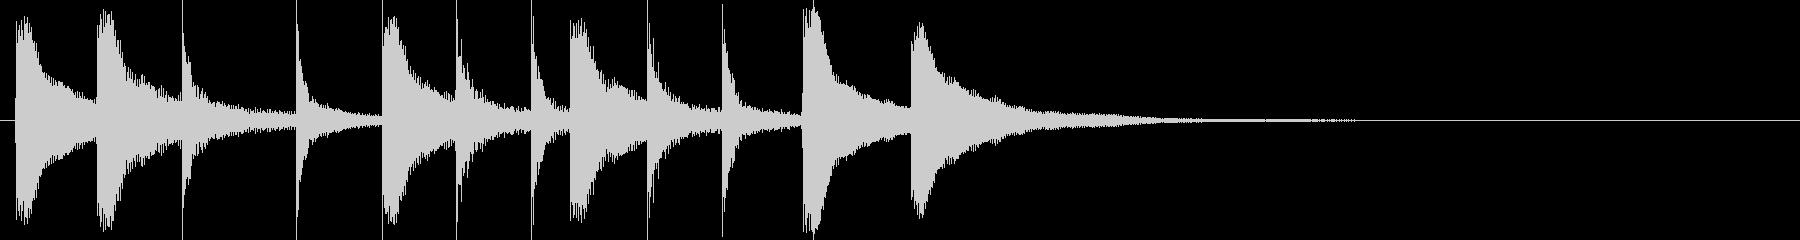 ドラム/ティンバレス フィルイン 27の未再生の波形